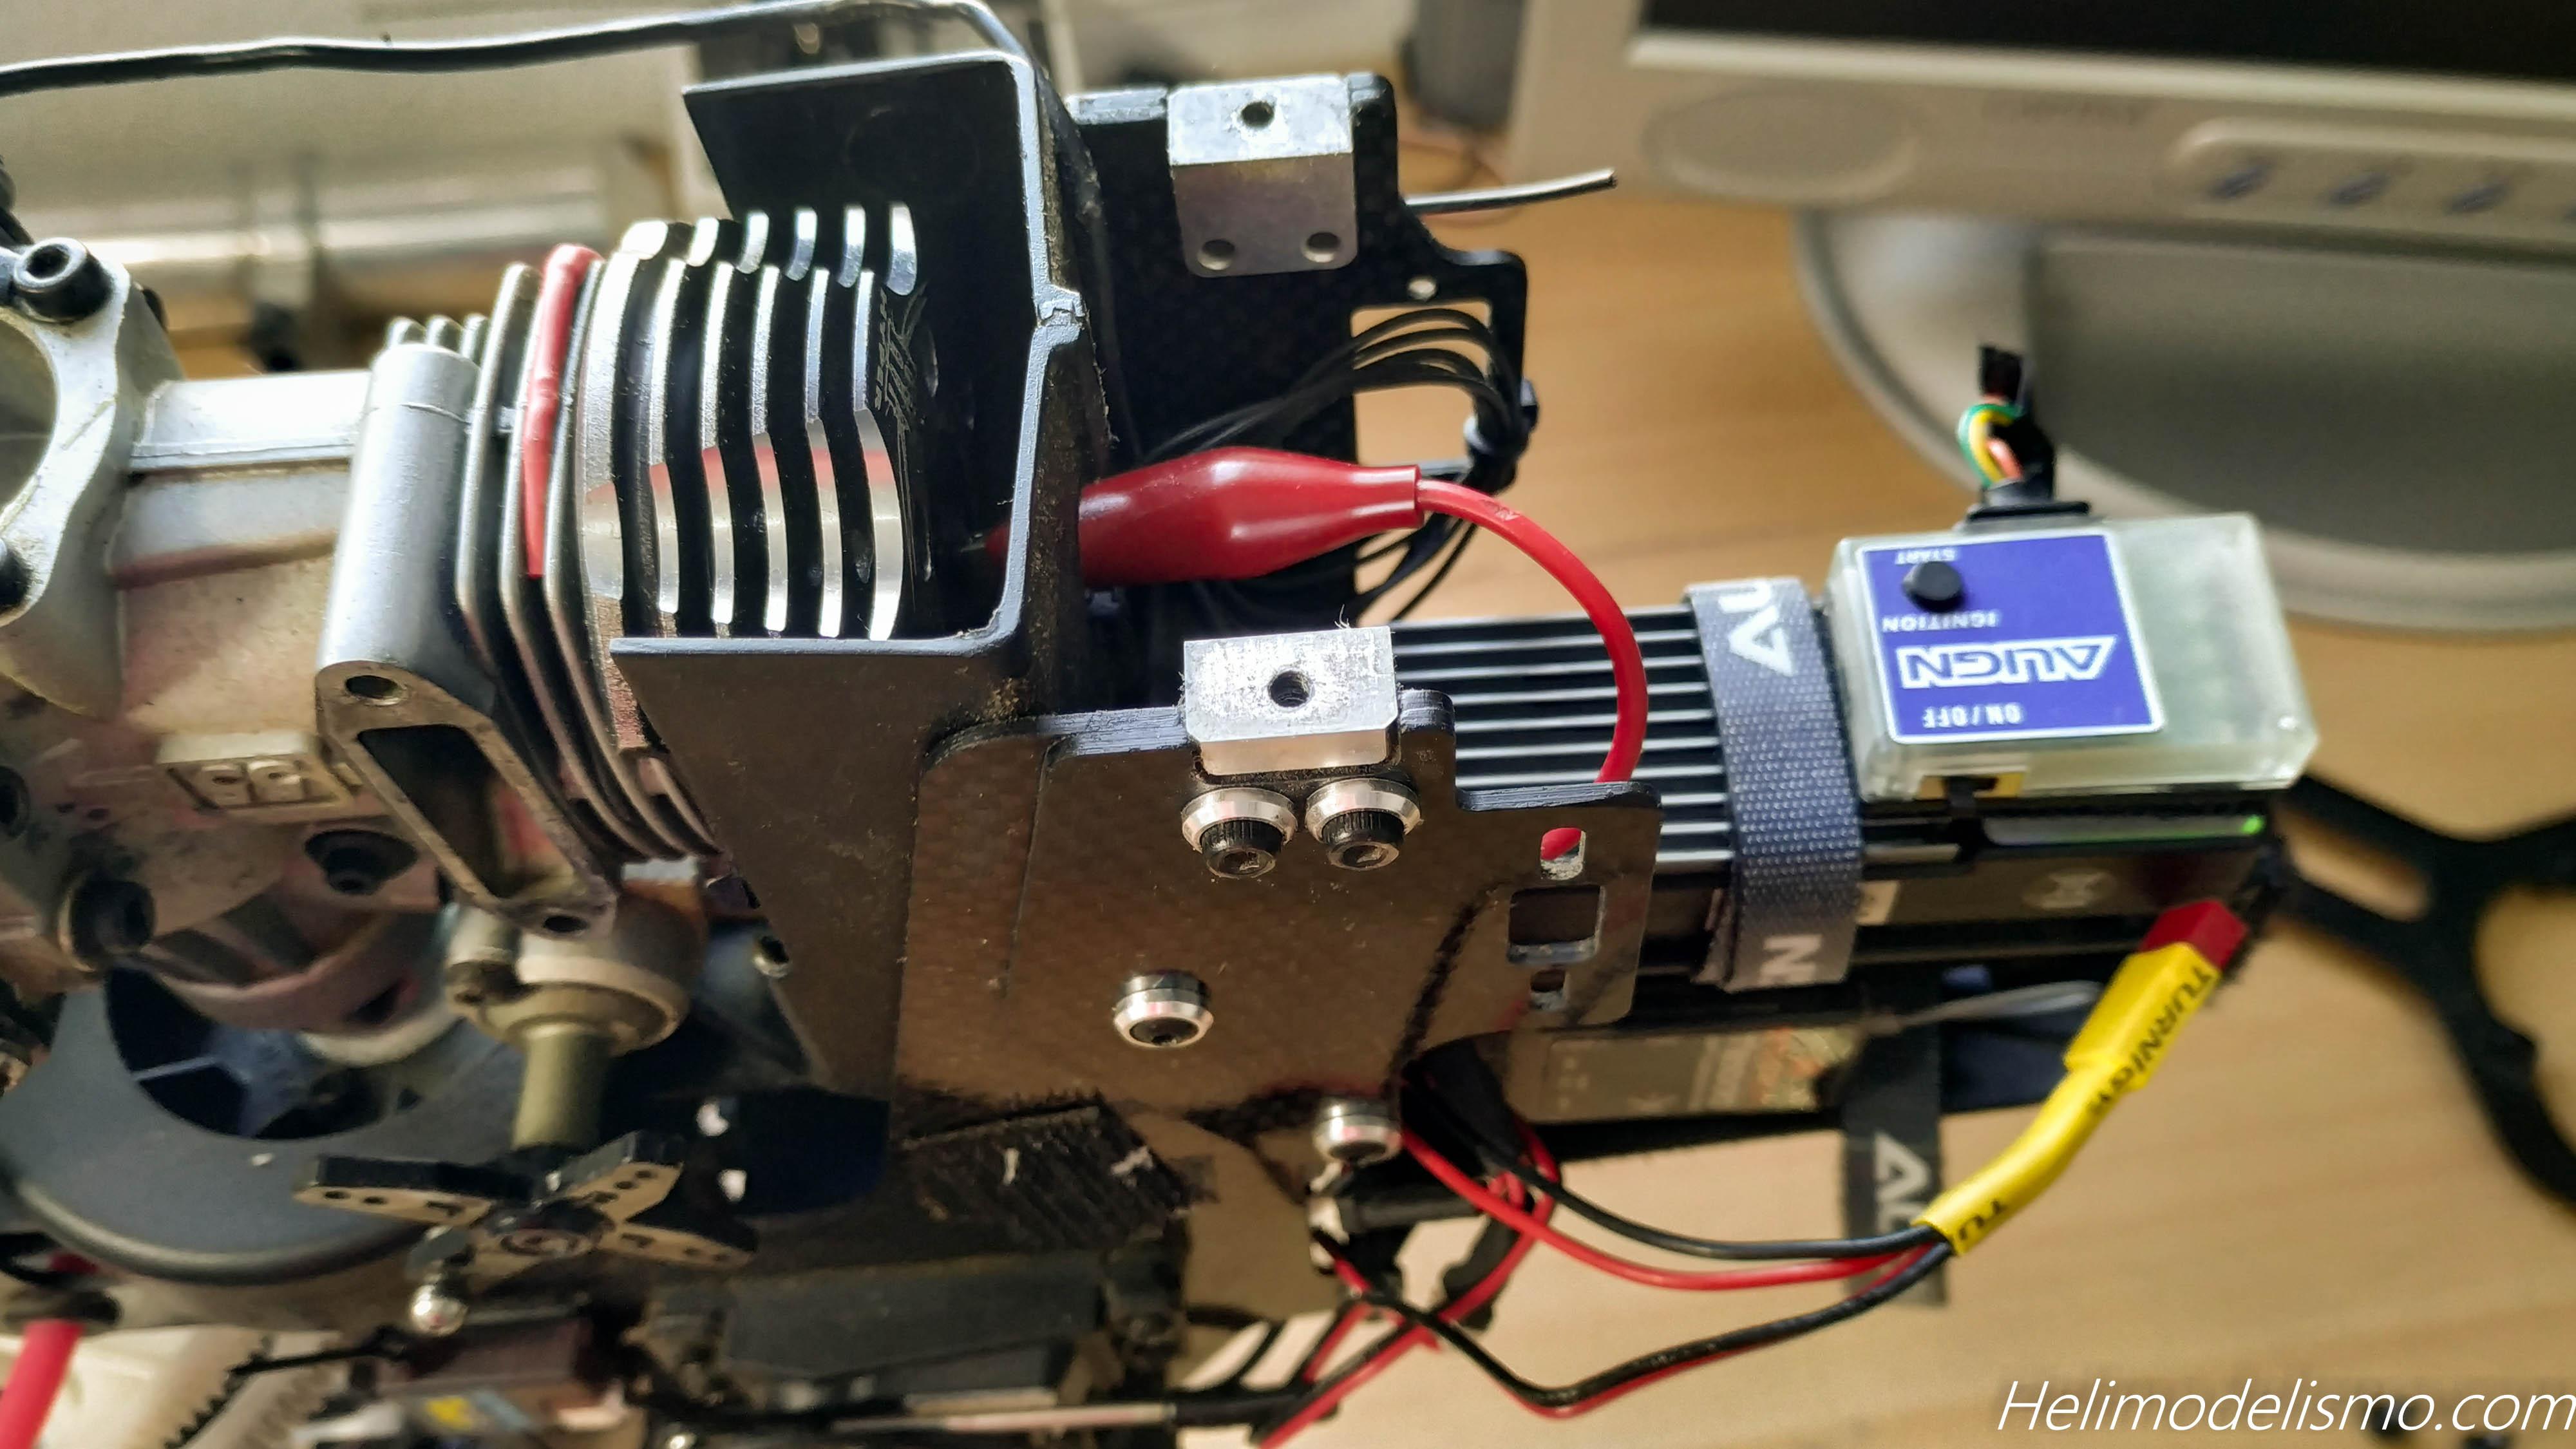 Motor nitro preparado para extraer de un Helicóptero rc